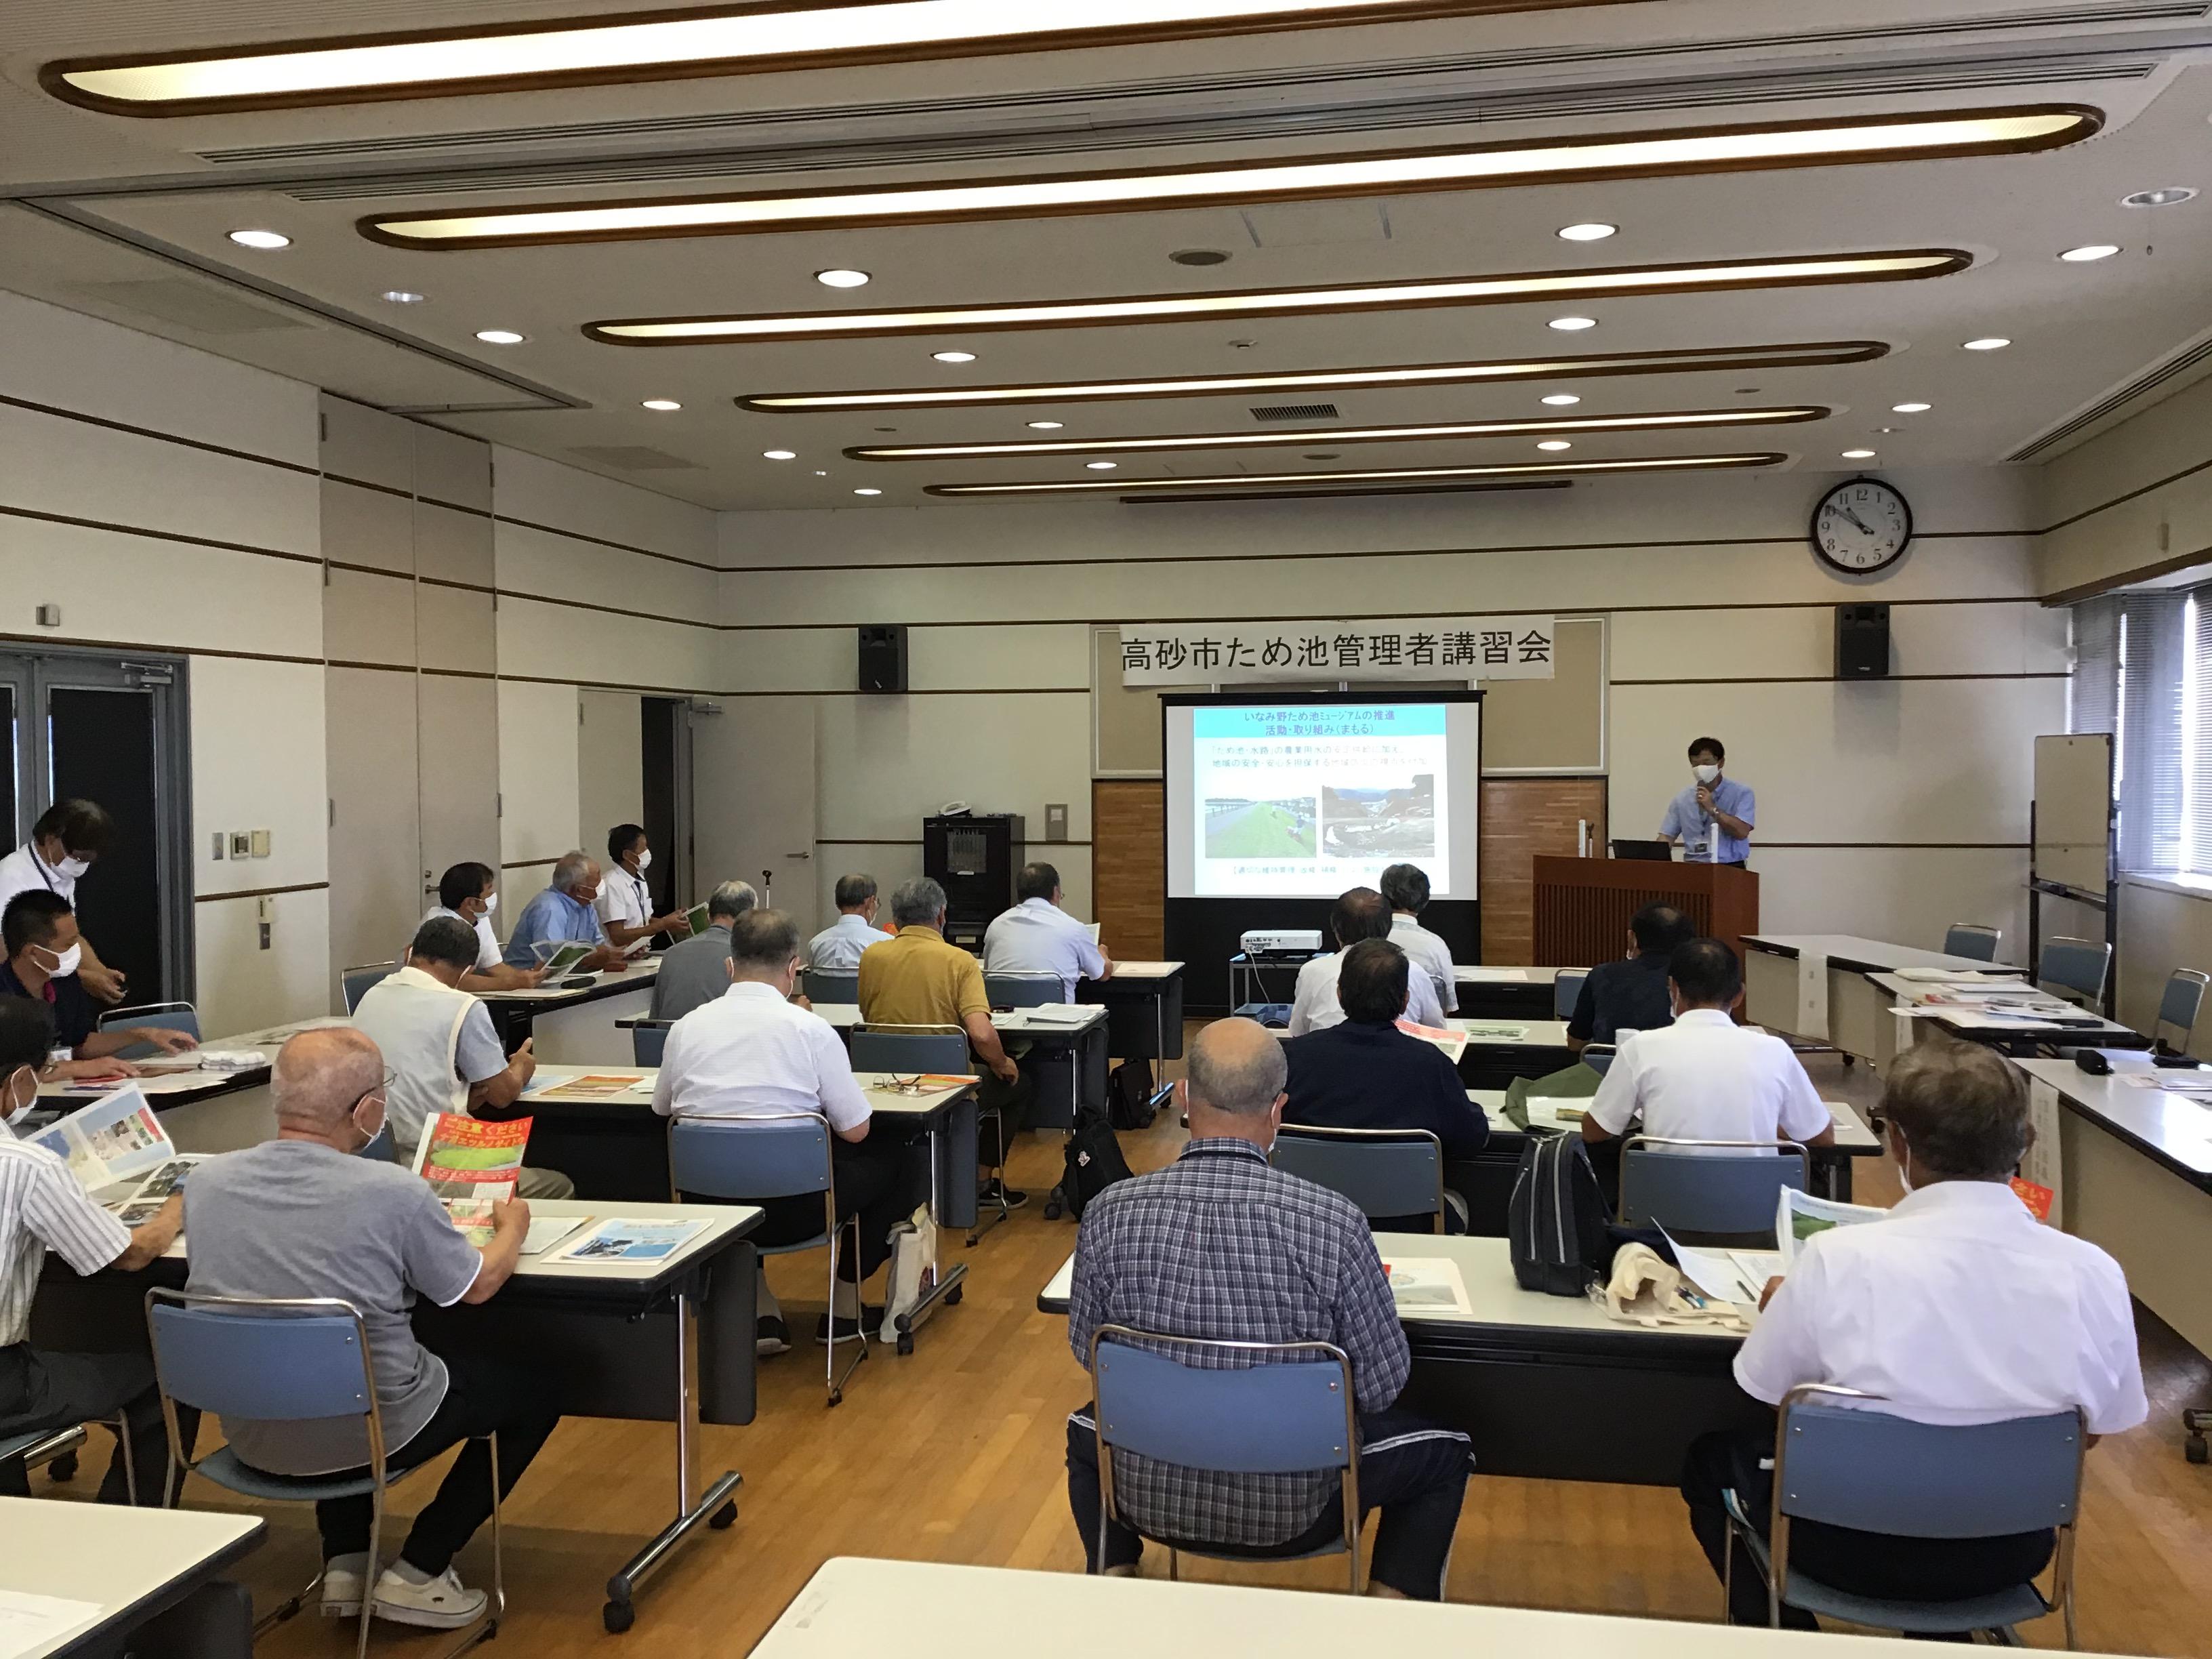 東播磨県民局地域振興室県民課水辺地域づくり担当の長谷坂兼司班長が東播磨地域の状況について講義されました。